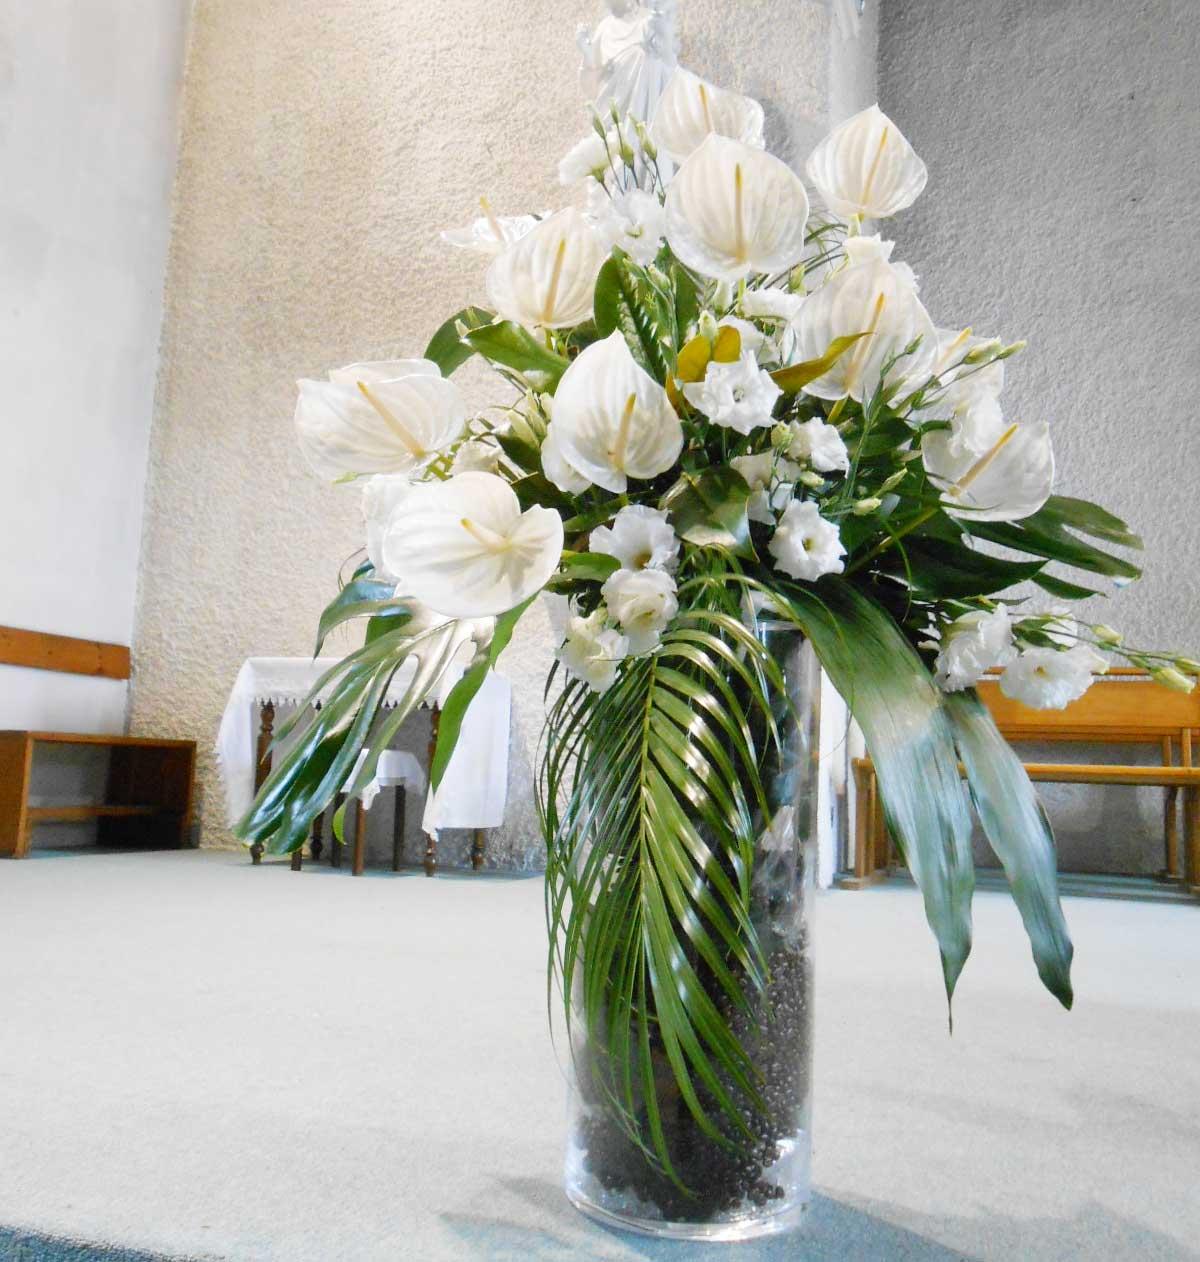 Une d coration florale de mariage exotique - Deco florale mariage ...